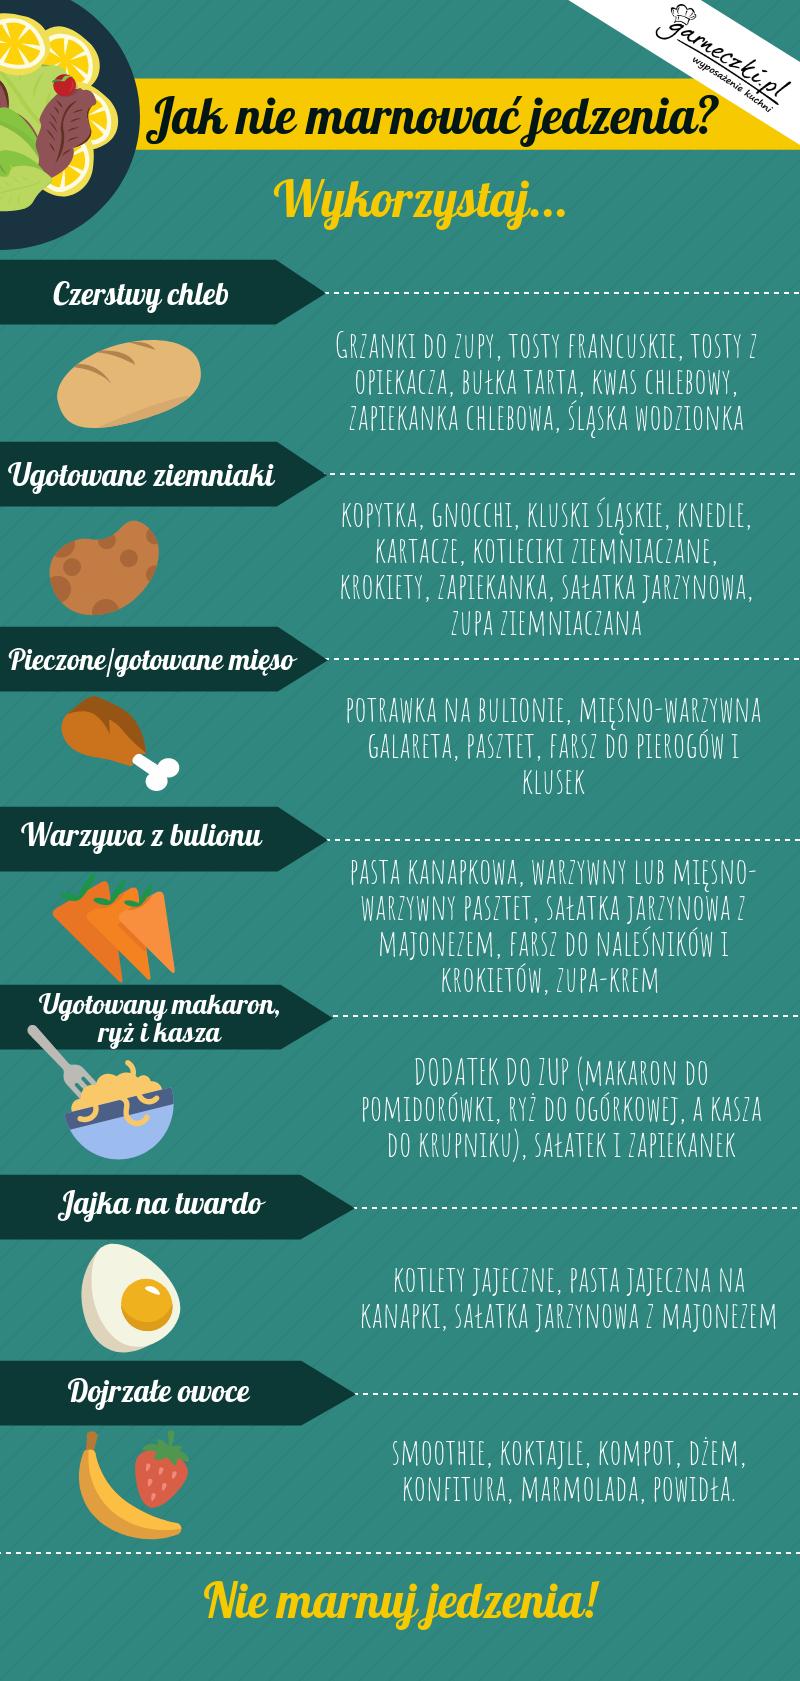 Jak nie marnować żywności Infografika